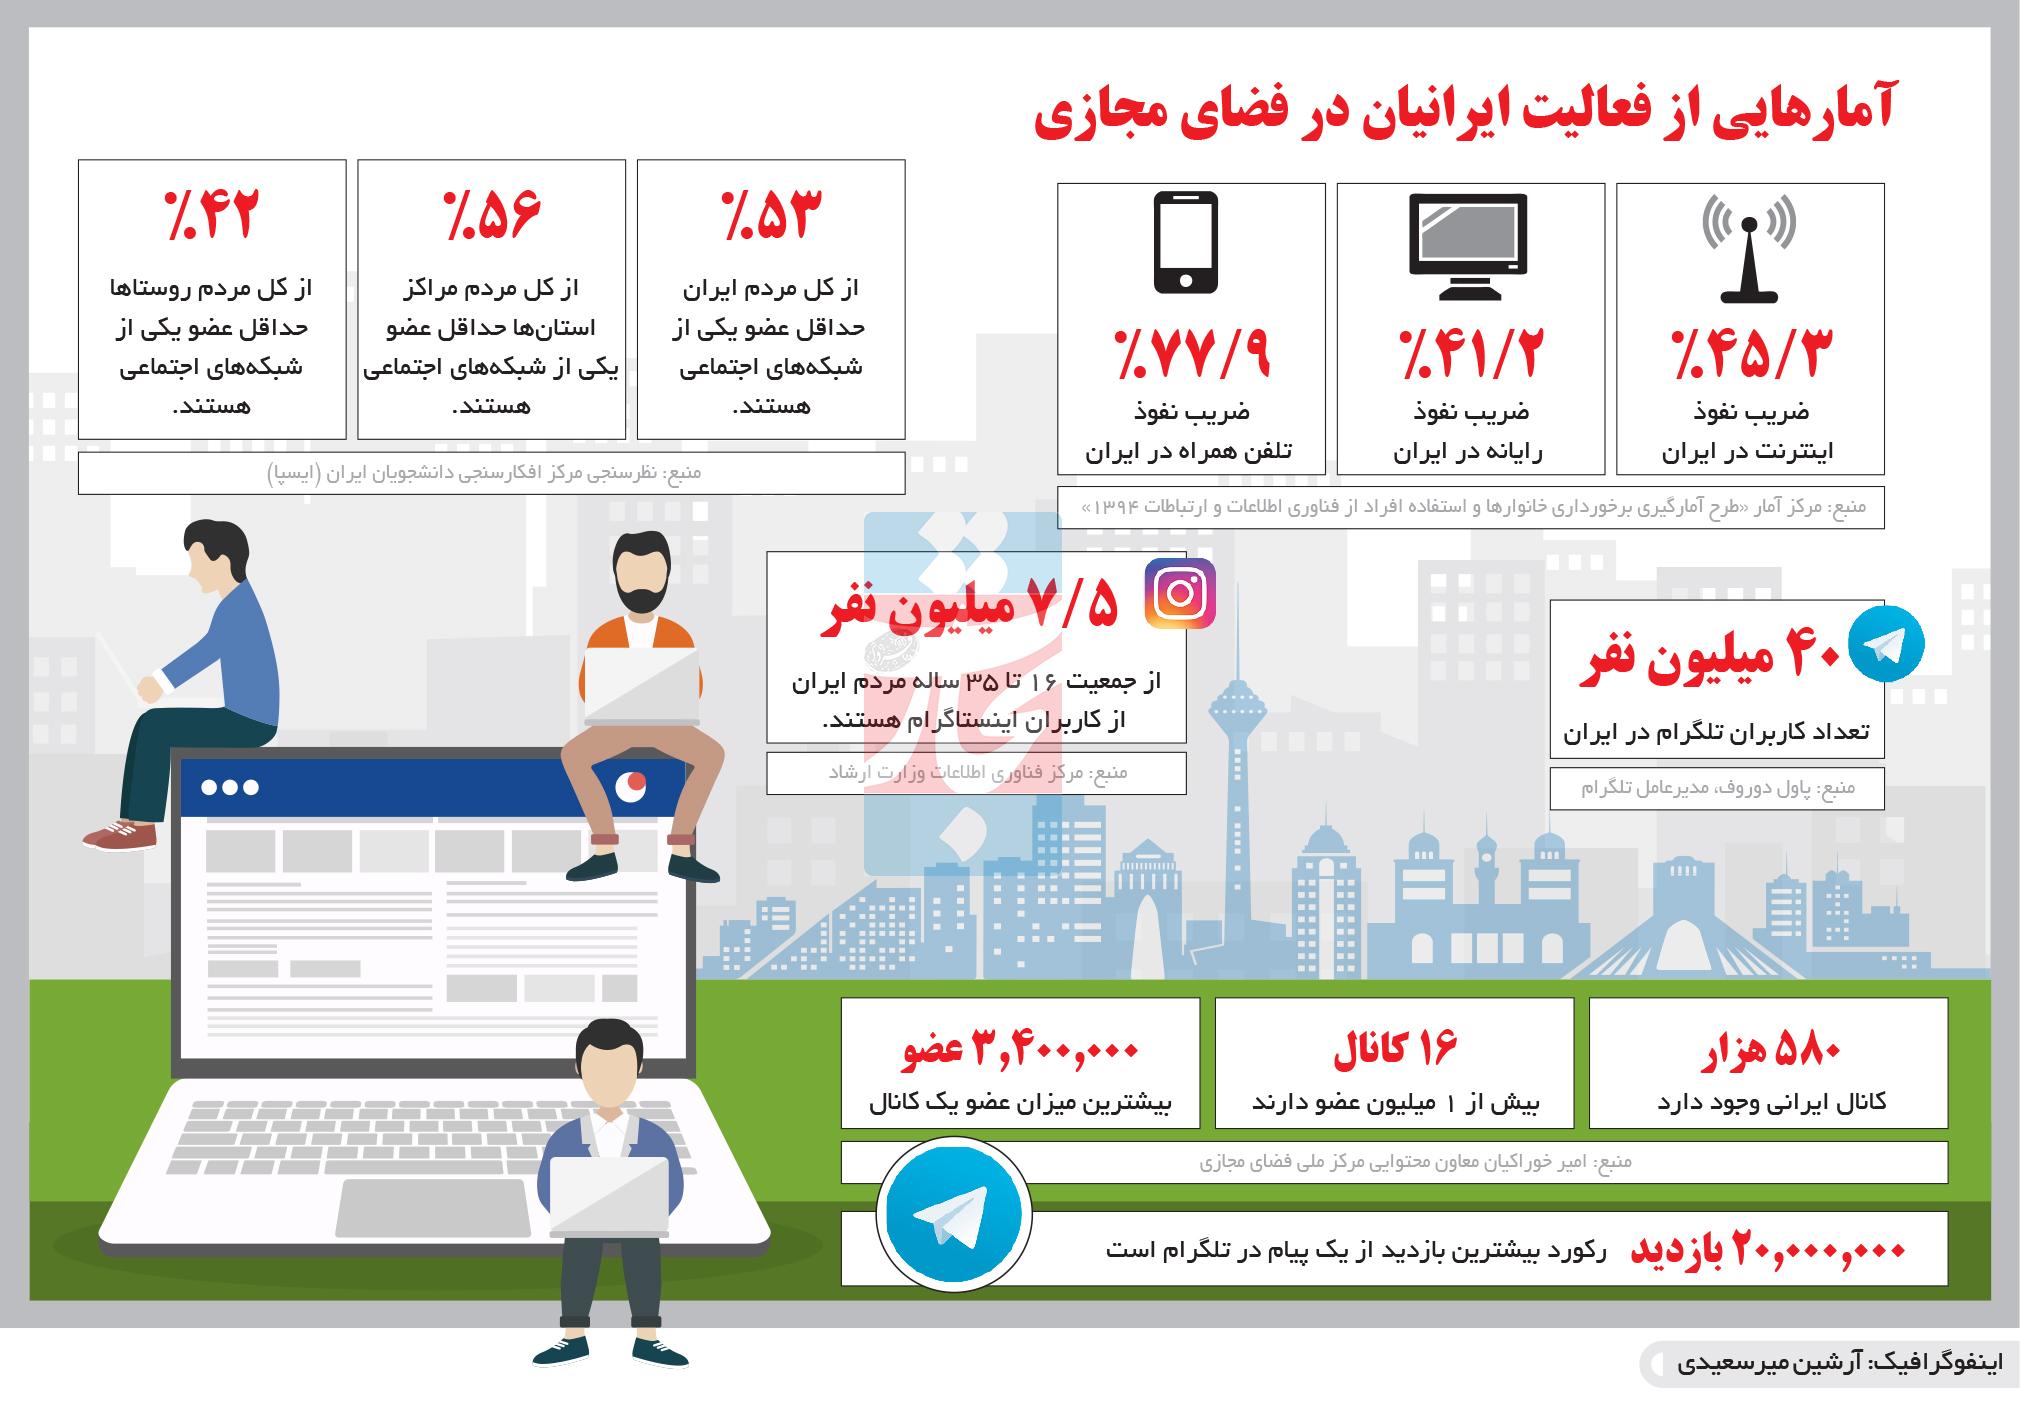 تجارت- فردا- آمارهایی از فعالیت ایرانیان در فضای مجازی(اینفوگرافیک)